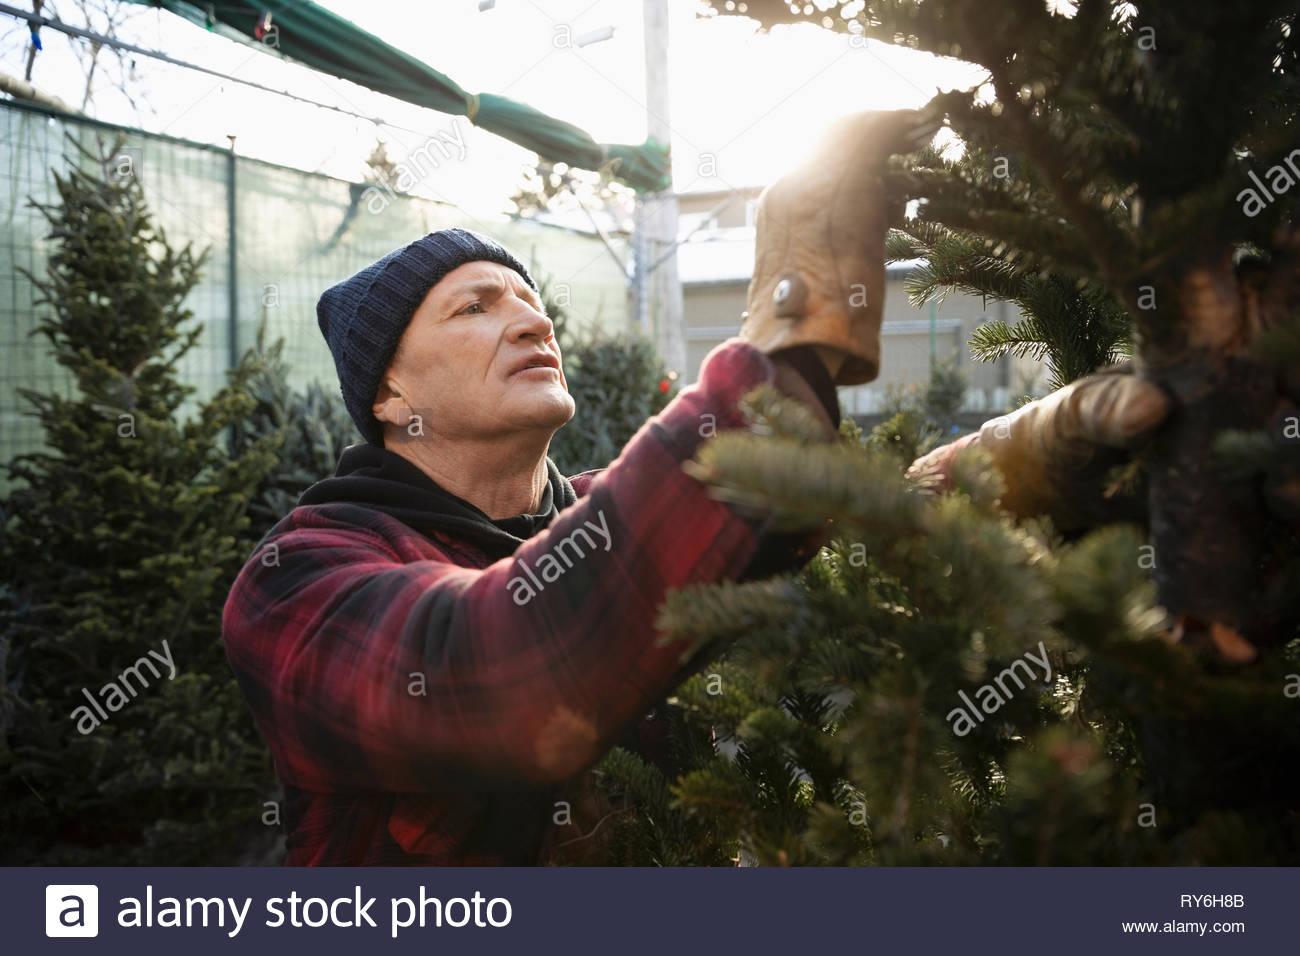 Contrôle des travailleurs sur les branches de l'arbre de Noël au marché de Noël Photo Stock